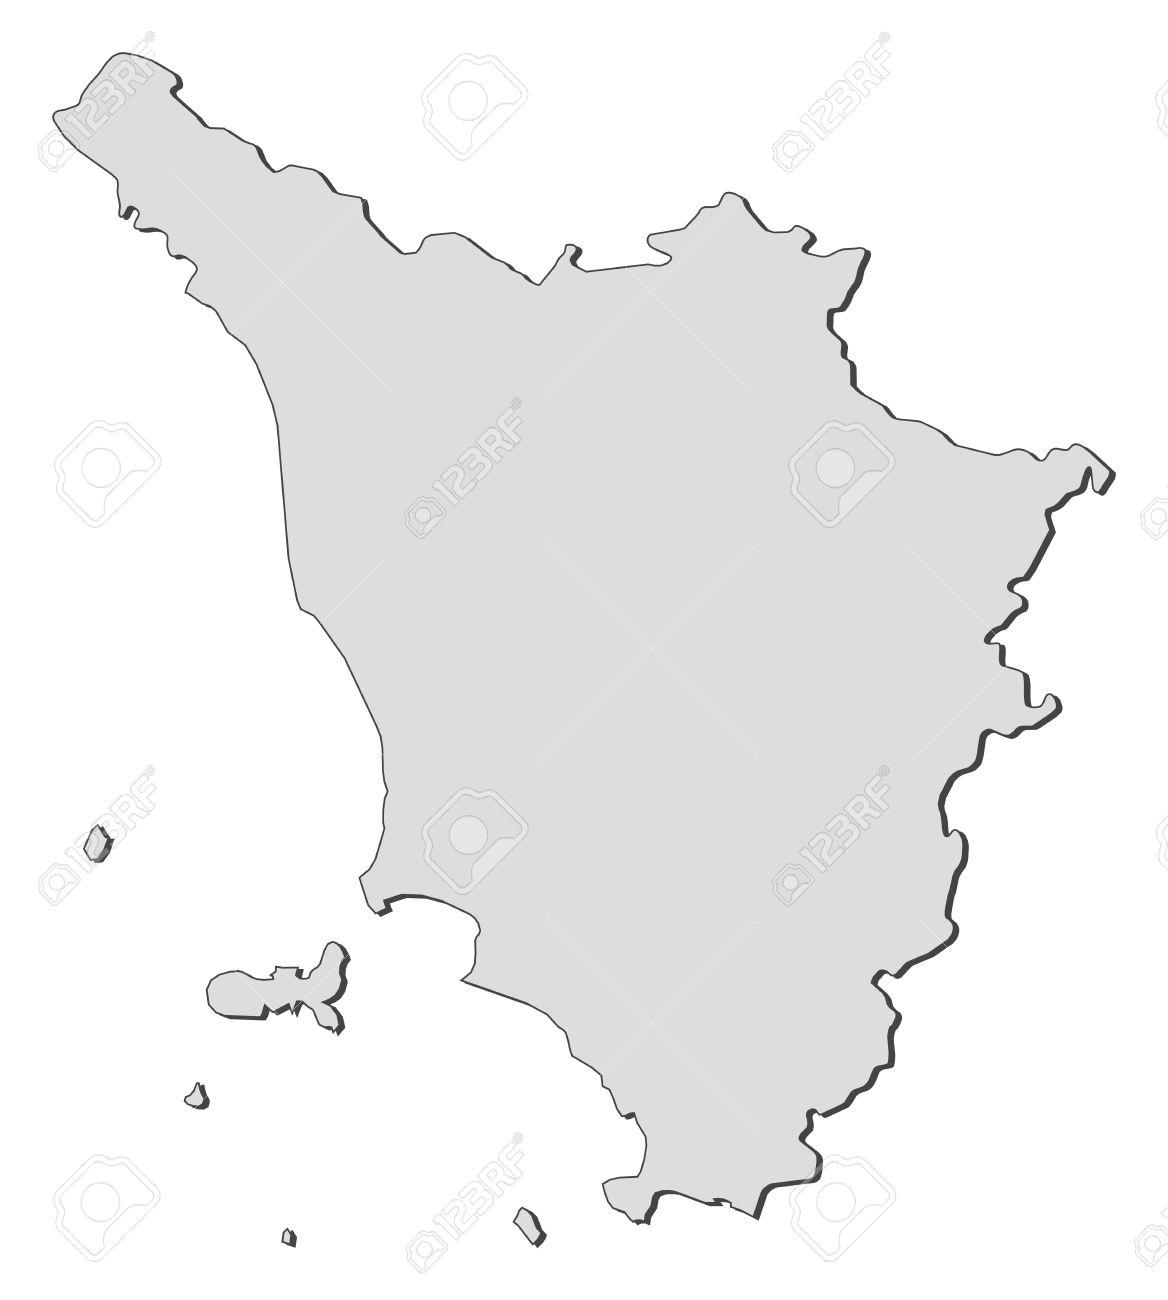 Map Of Tuscany A Region Of Italy Royalty Free Cliparts Vectors - Tuscany region map